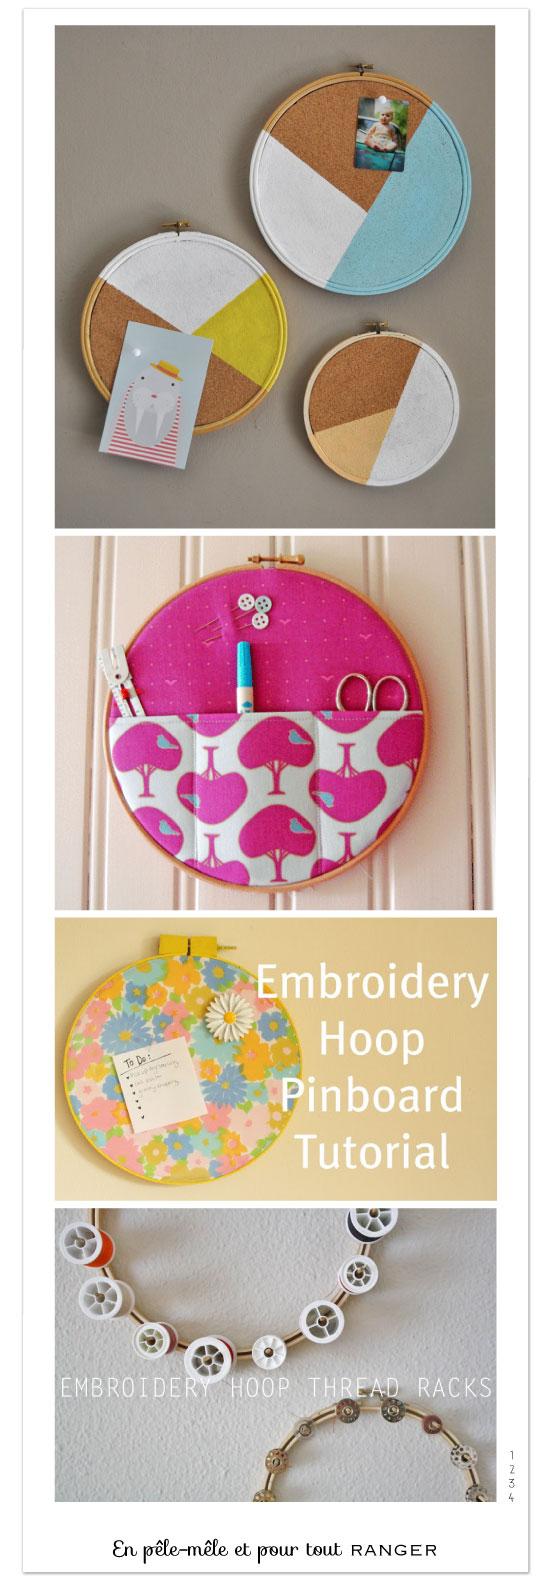 DIY-embroidery-hoop-pinboard